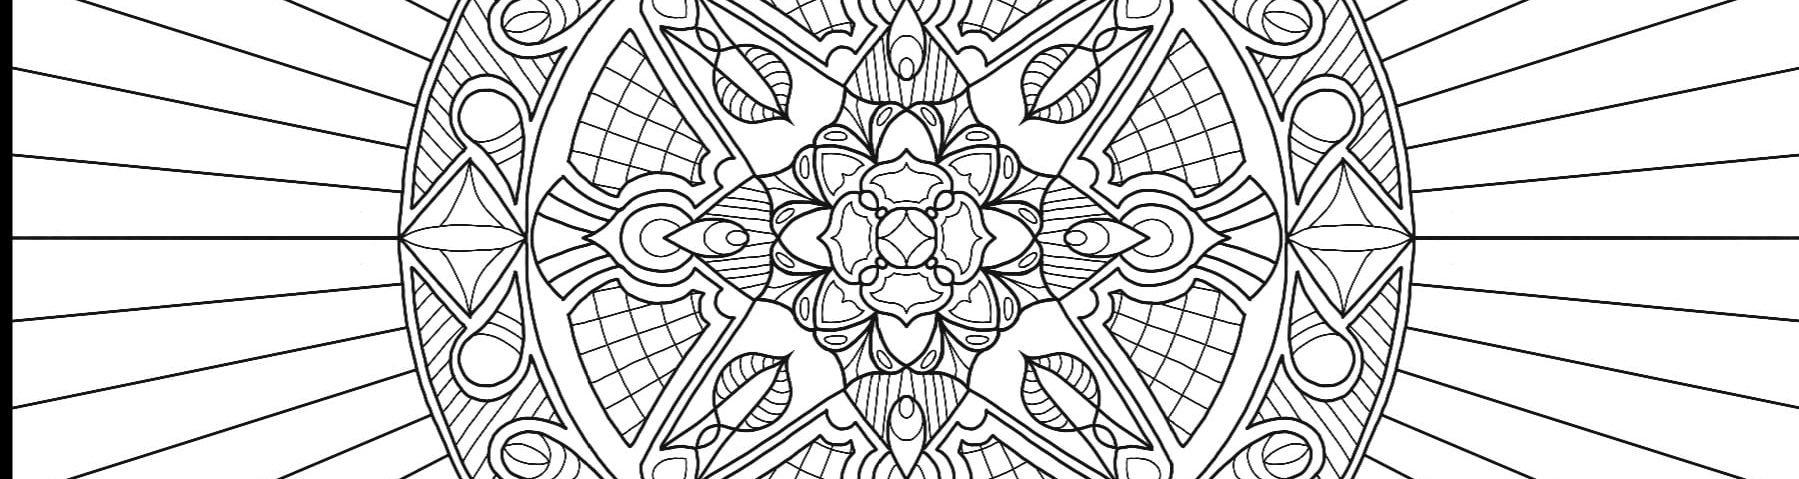 NessieCraft - Art of Vanessa Edwards